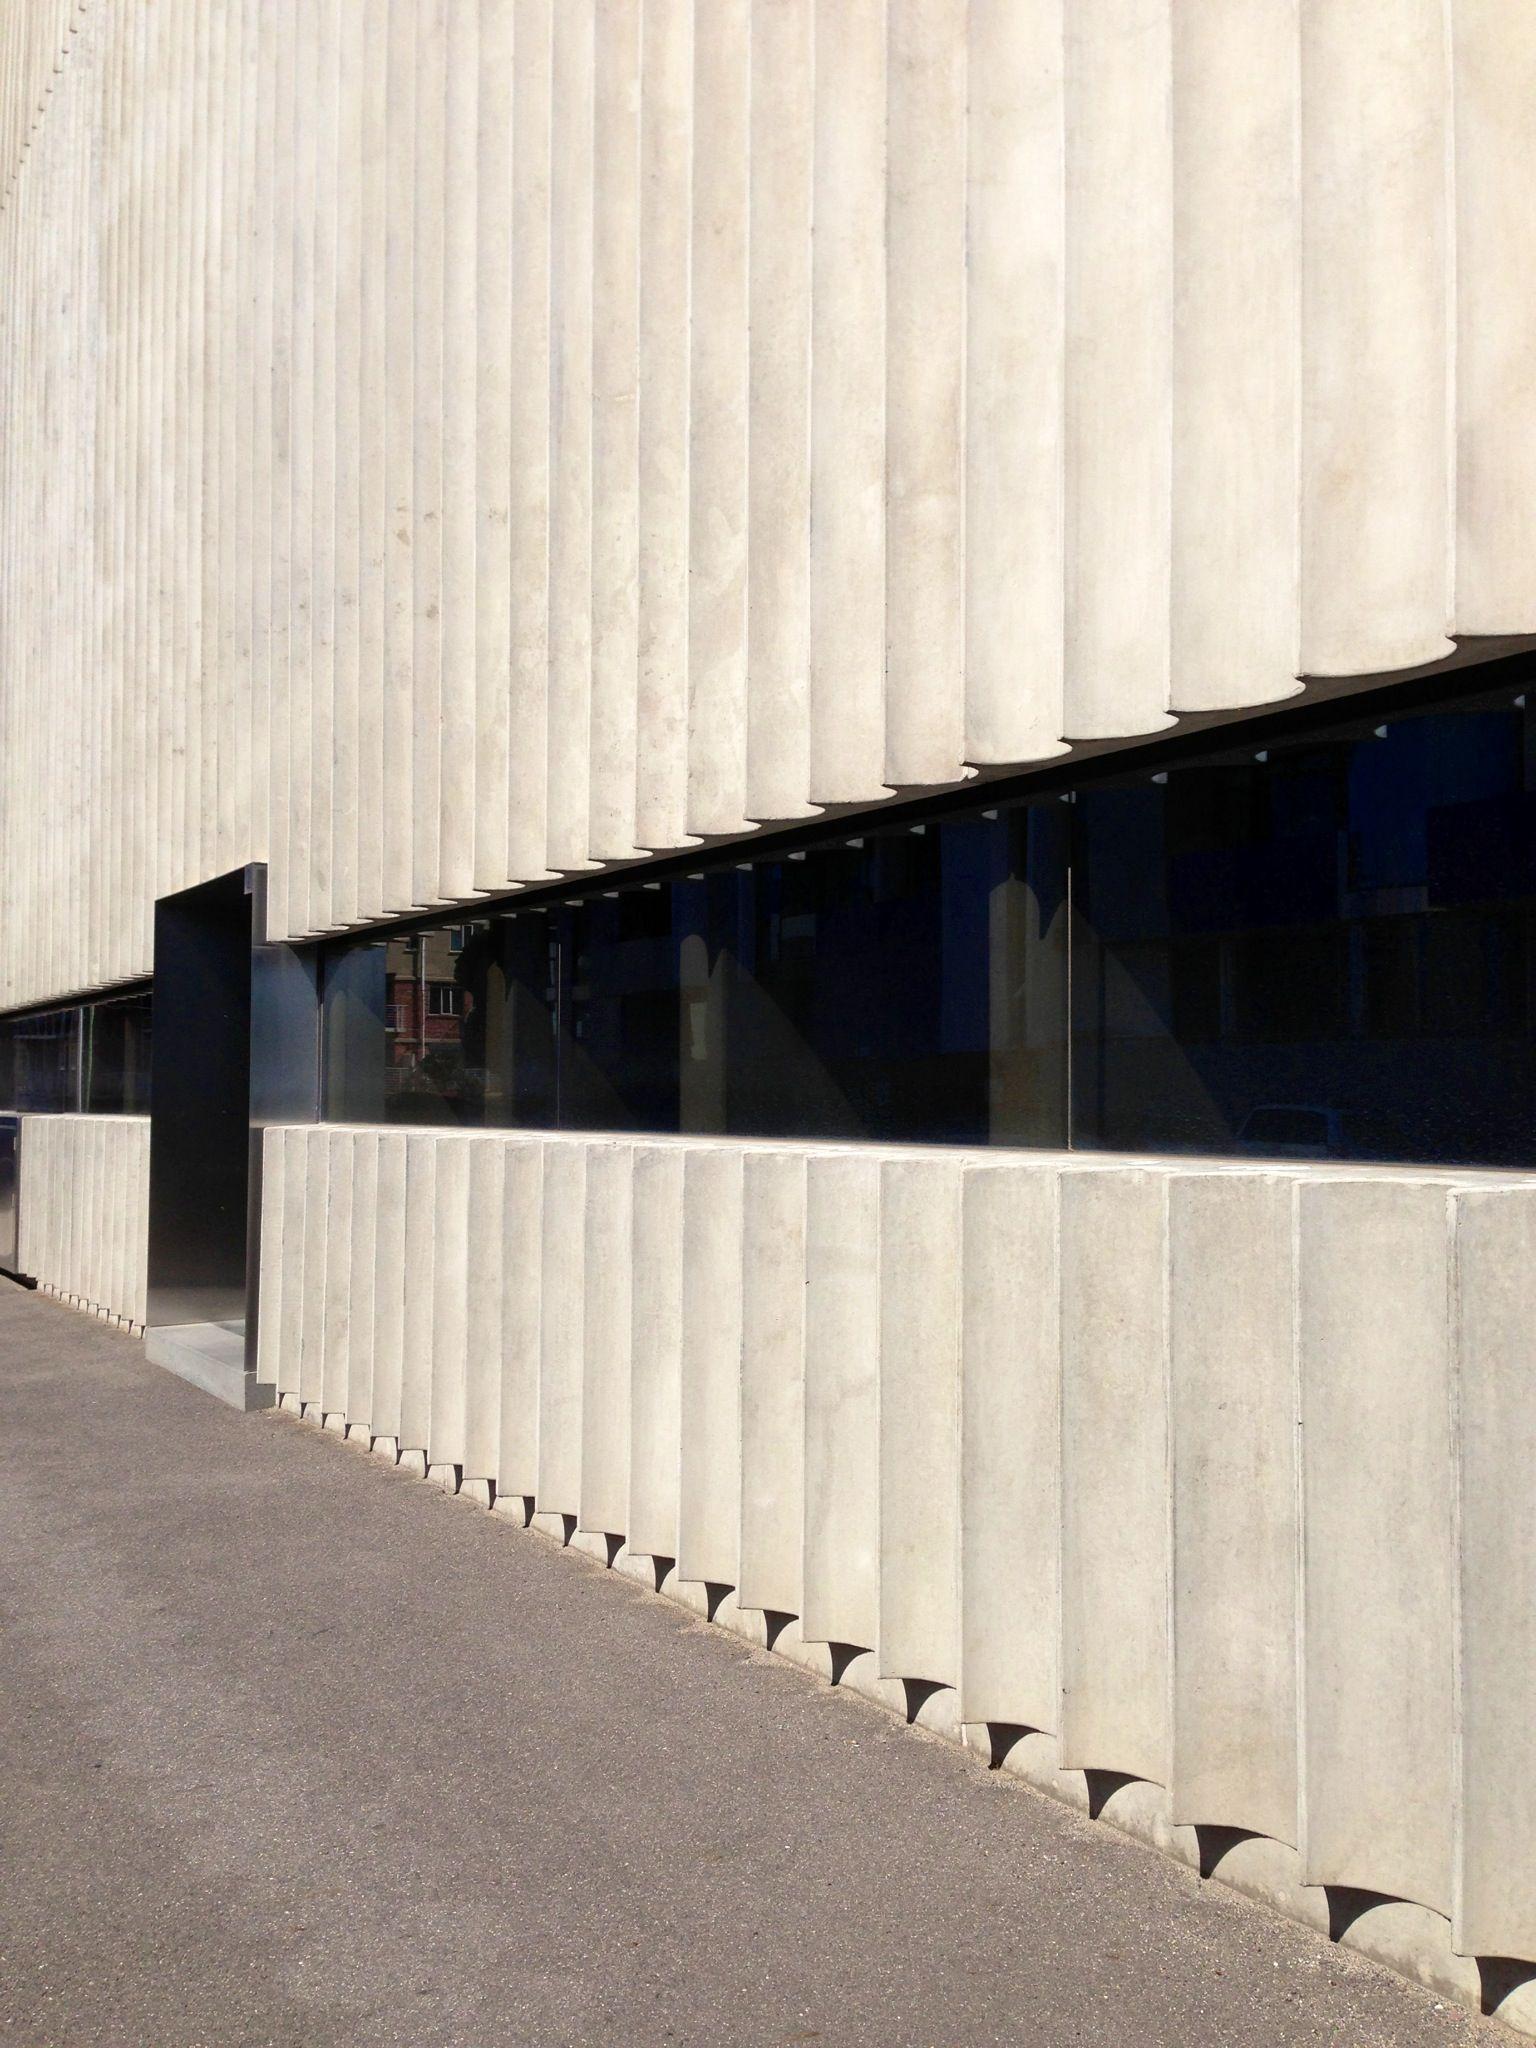 Pourquoi Ne Pas Utiliser Des Cannelures Similaires A Celles Ci Comme Moyen De Reduire L Apport En Materiau Concrete Facade Facade Cladding Facade Architecture